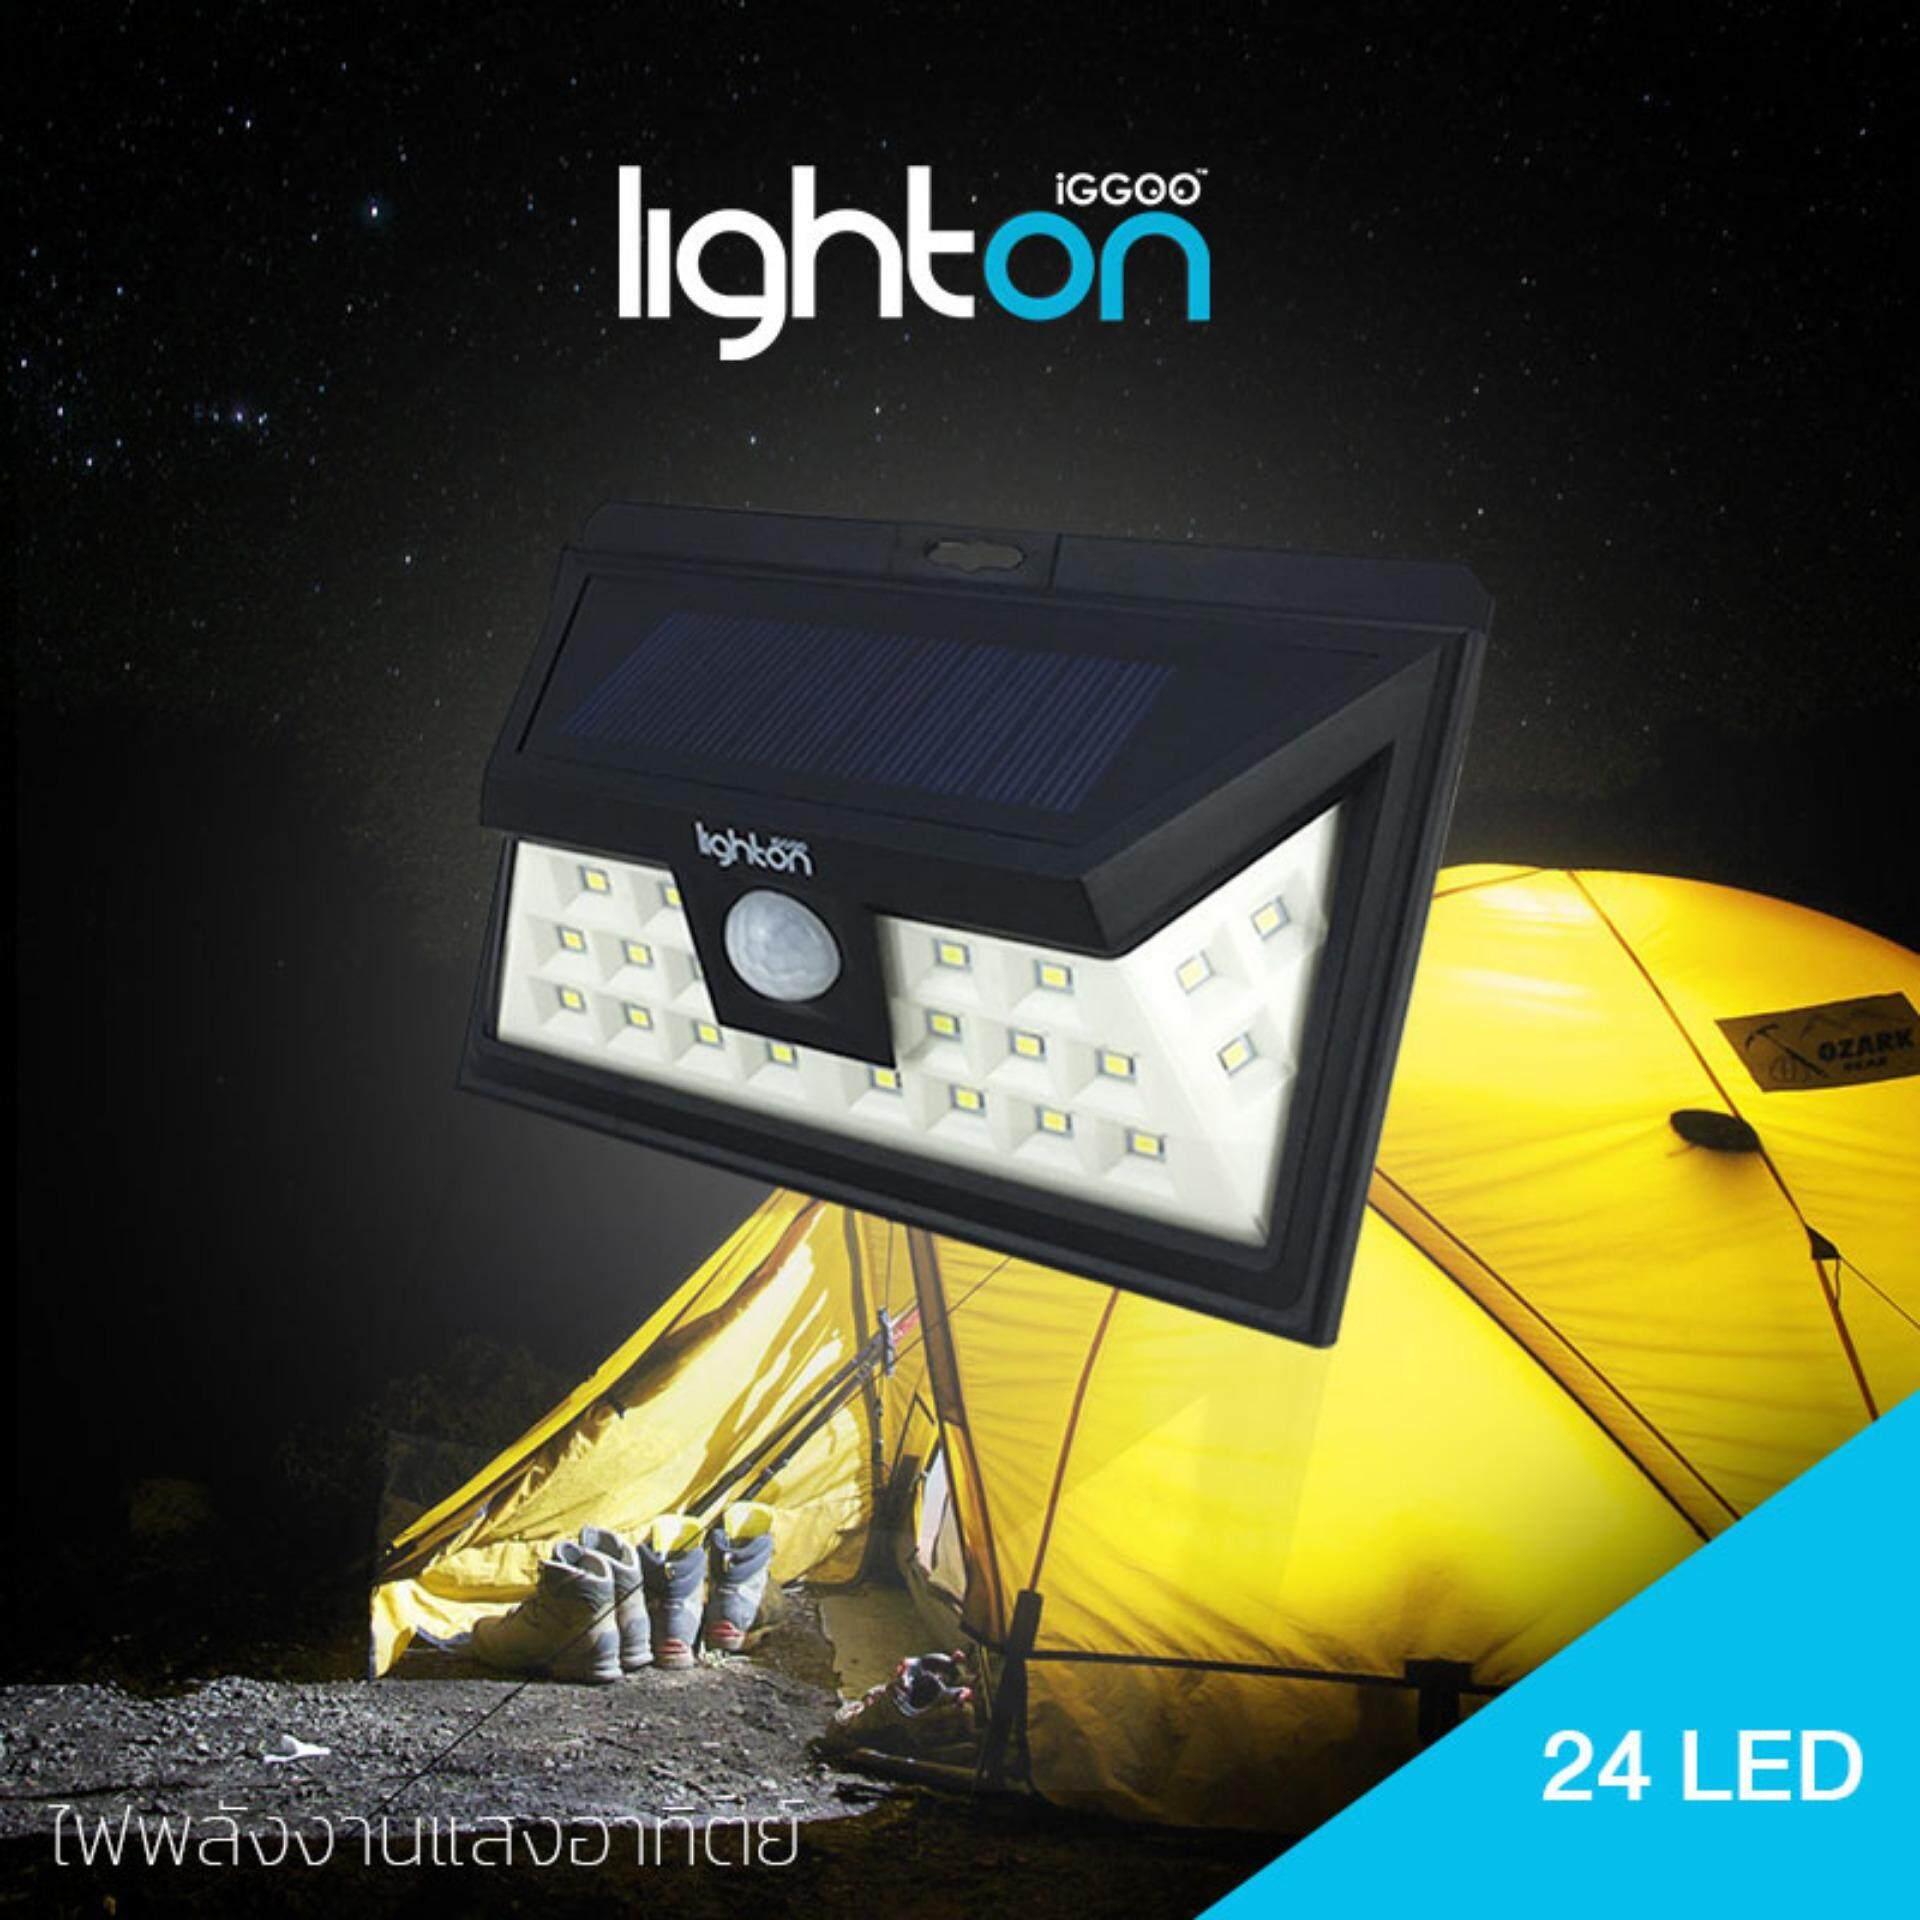 ซื้อ Solar Light ไฟ Led Lighton By Iggoo รุ่น 24 Solar Led ไฟพลังงานแสงอาทิตย์ พร้อมเซ็นเซอร์ตรวจจับความเคลื่อนไหว สี Warm White ถูก